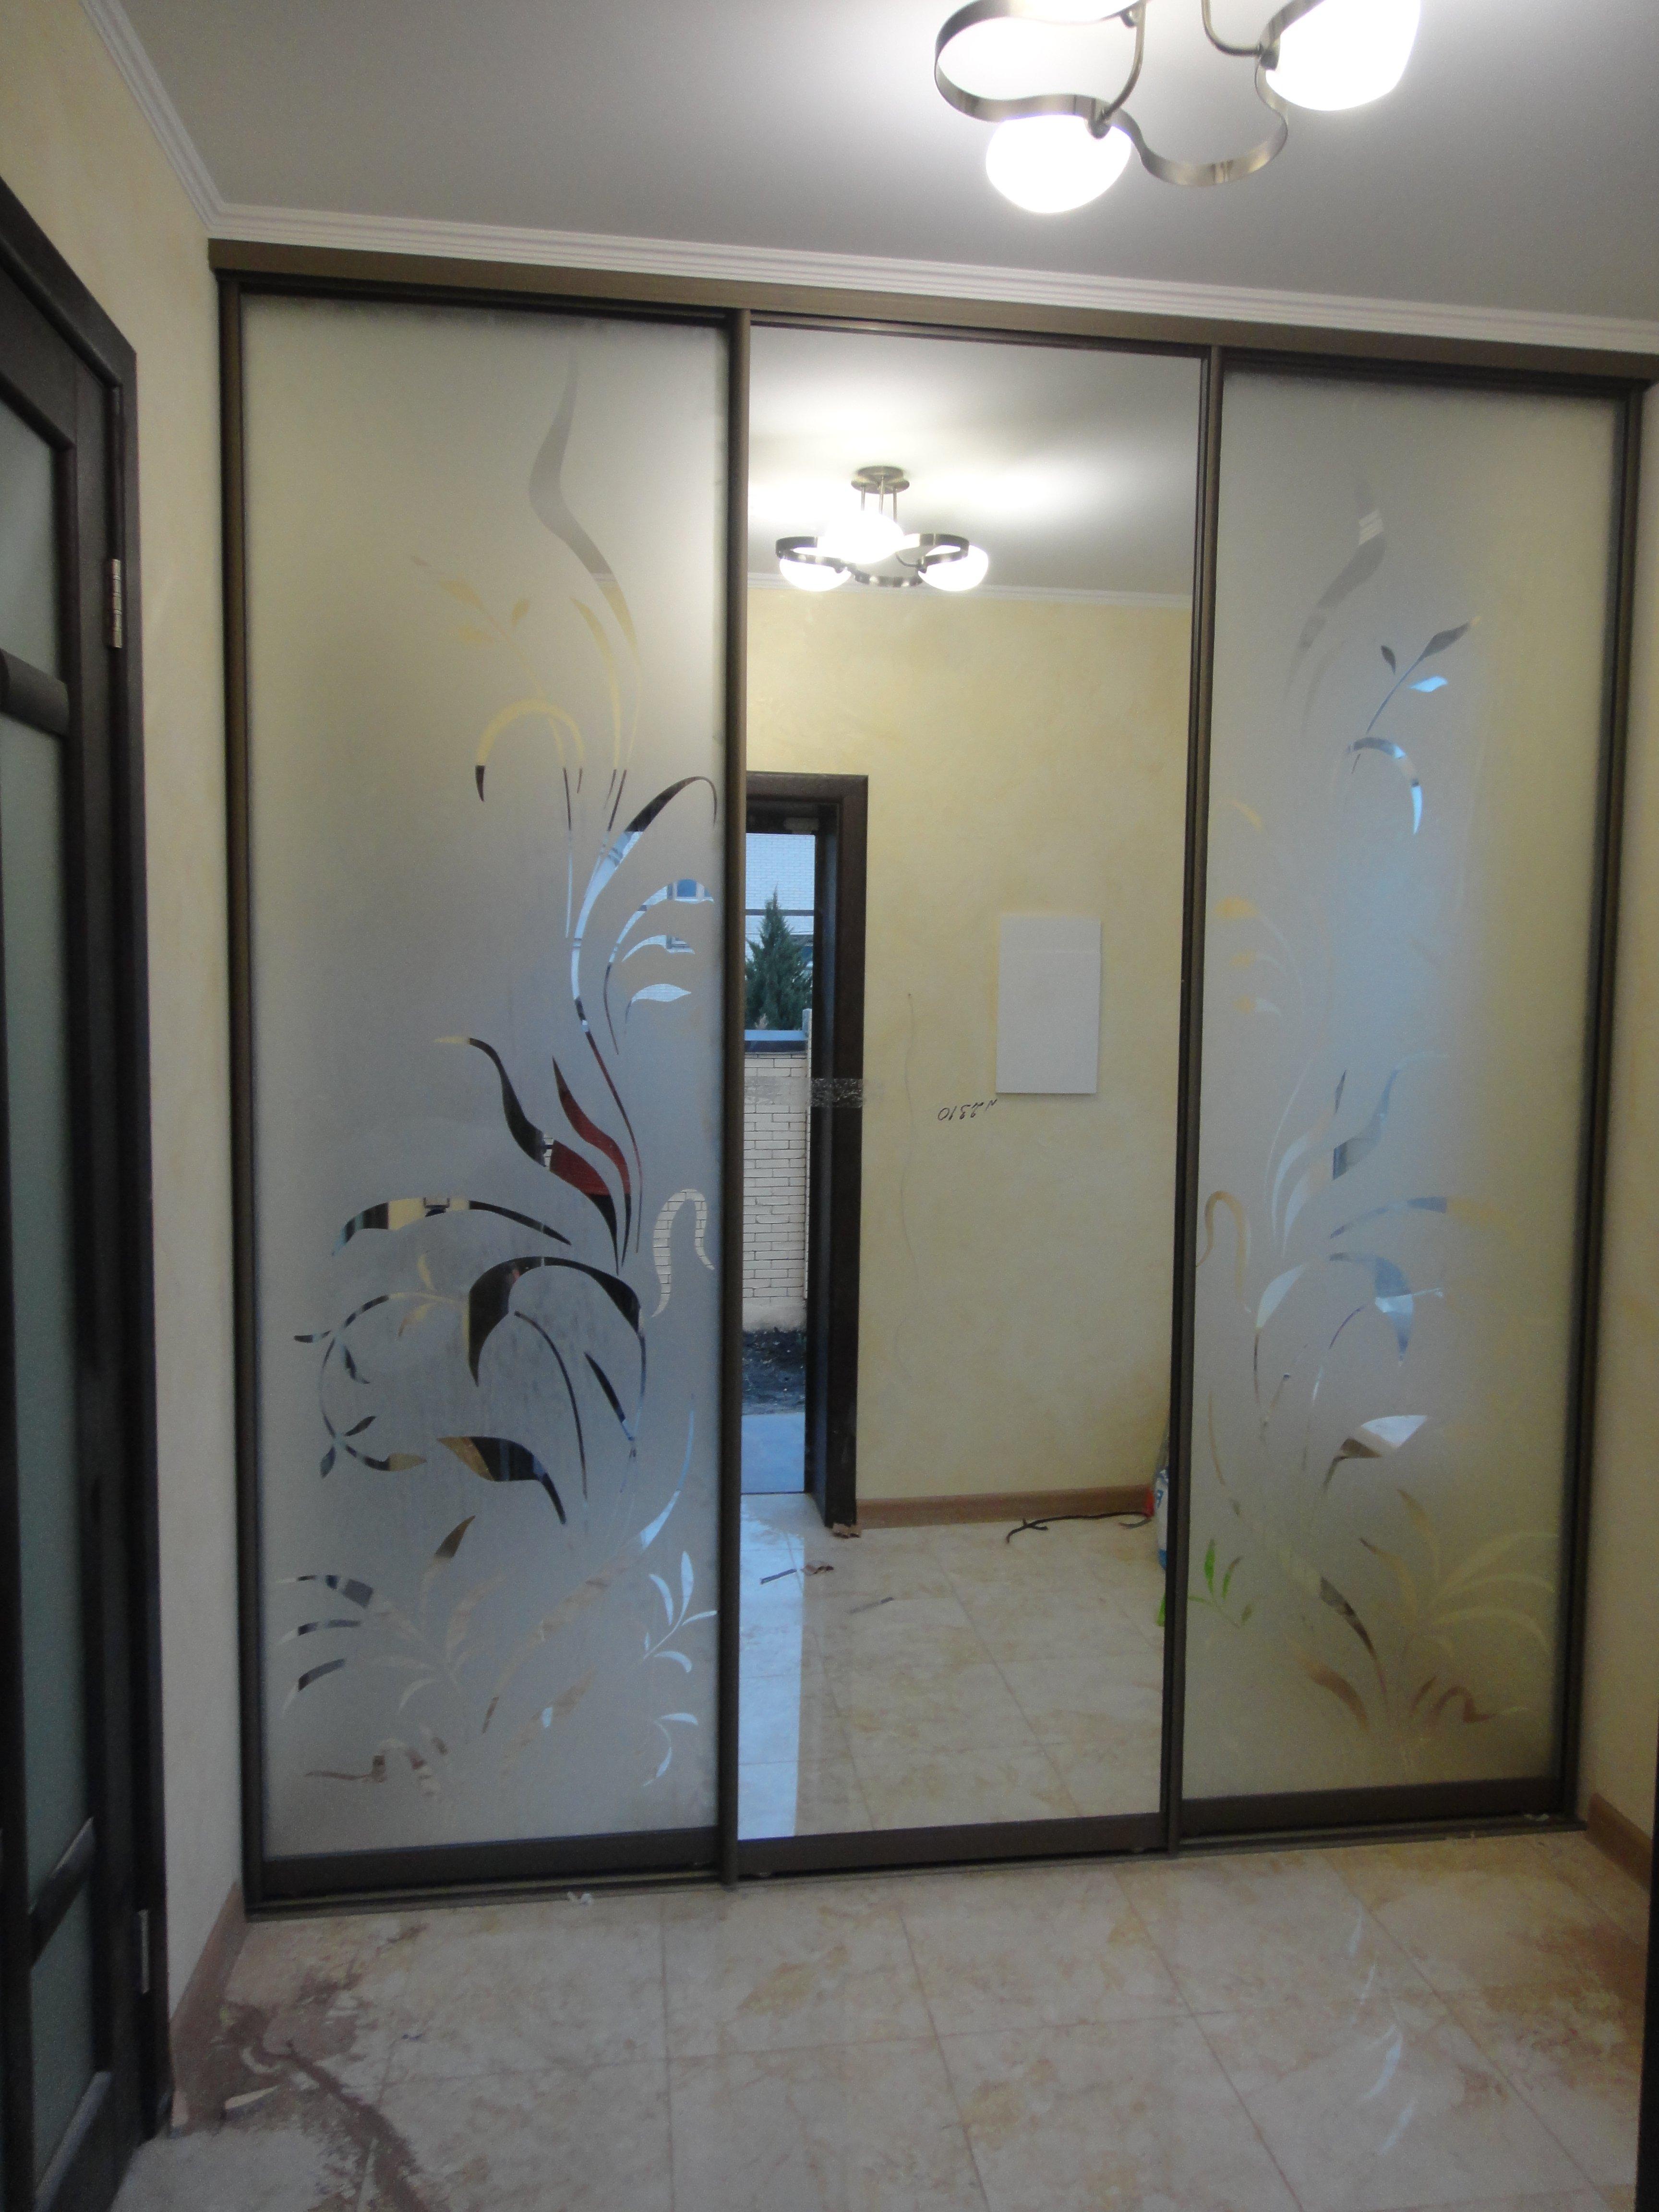 встроенный шкаф зеркальный фото с рисунком получается